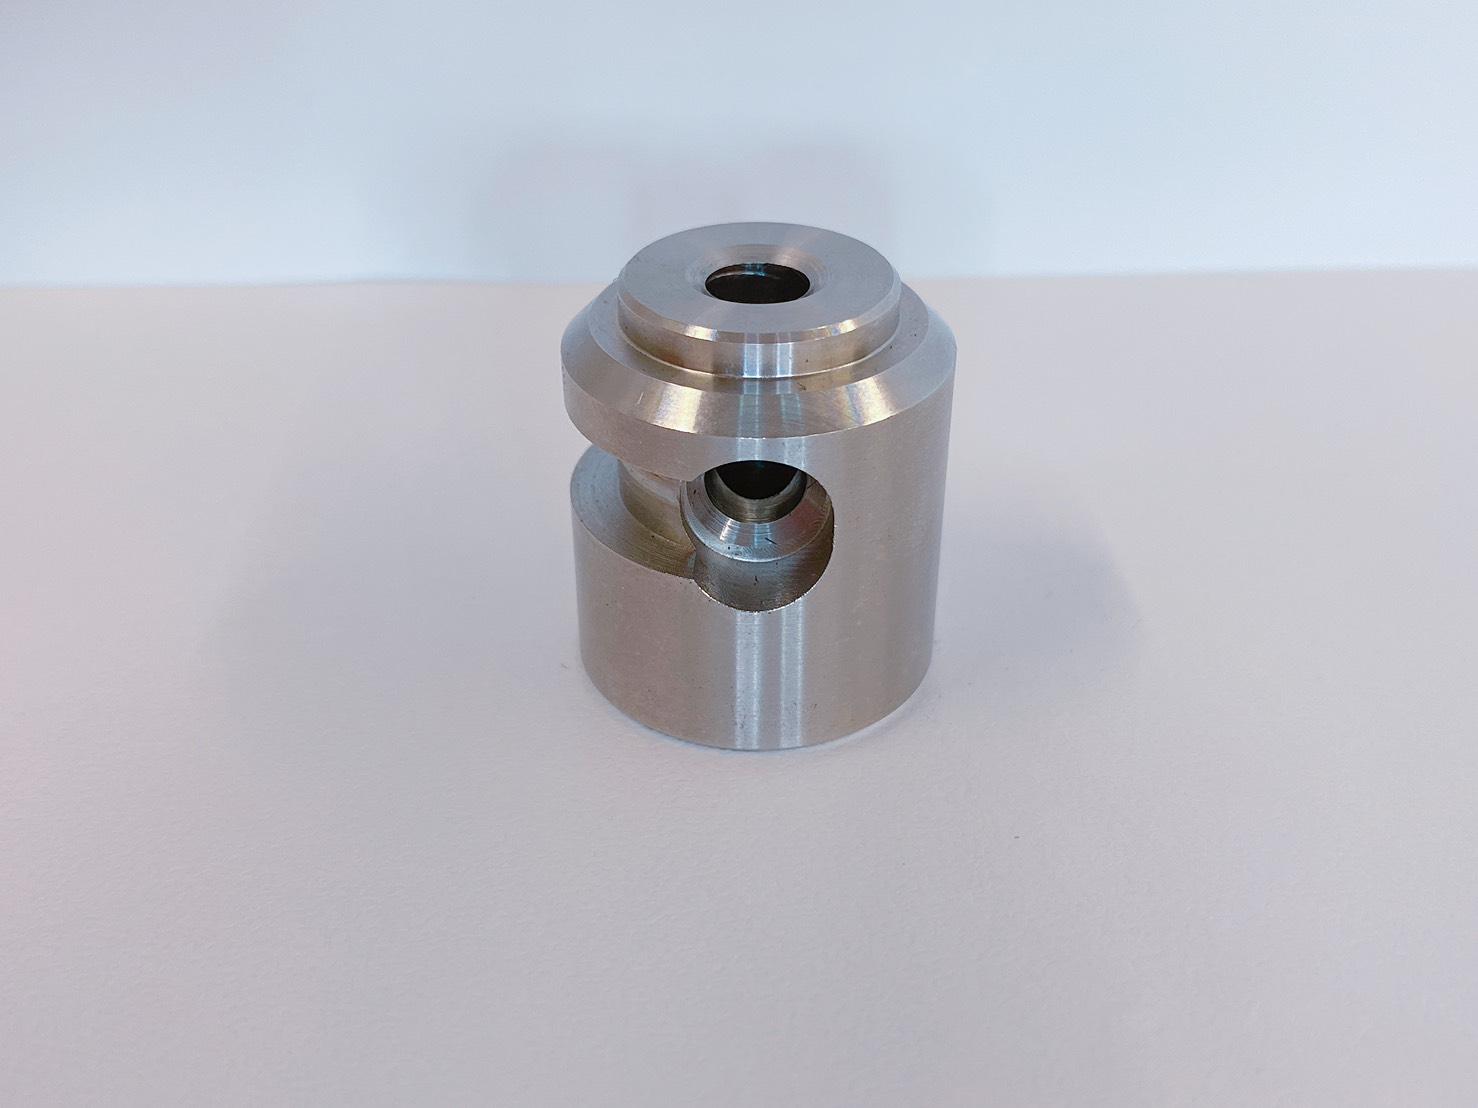 切削加工部品 介護機器部品 SUS304 複合加工機